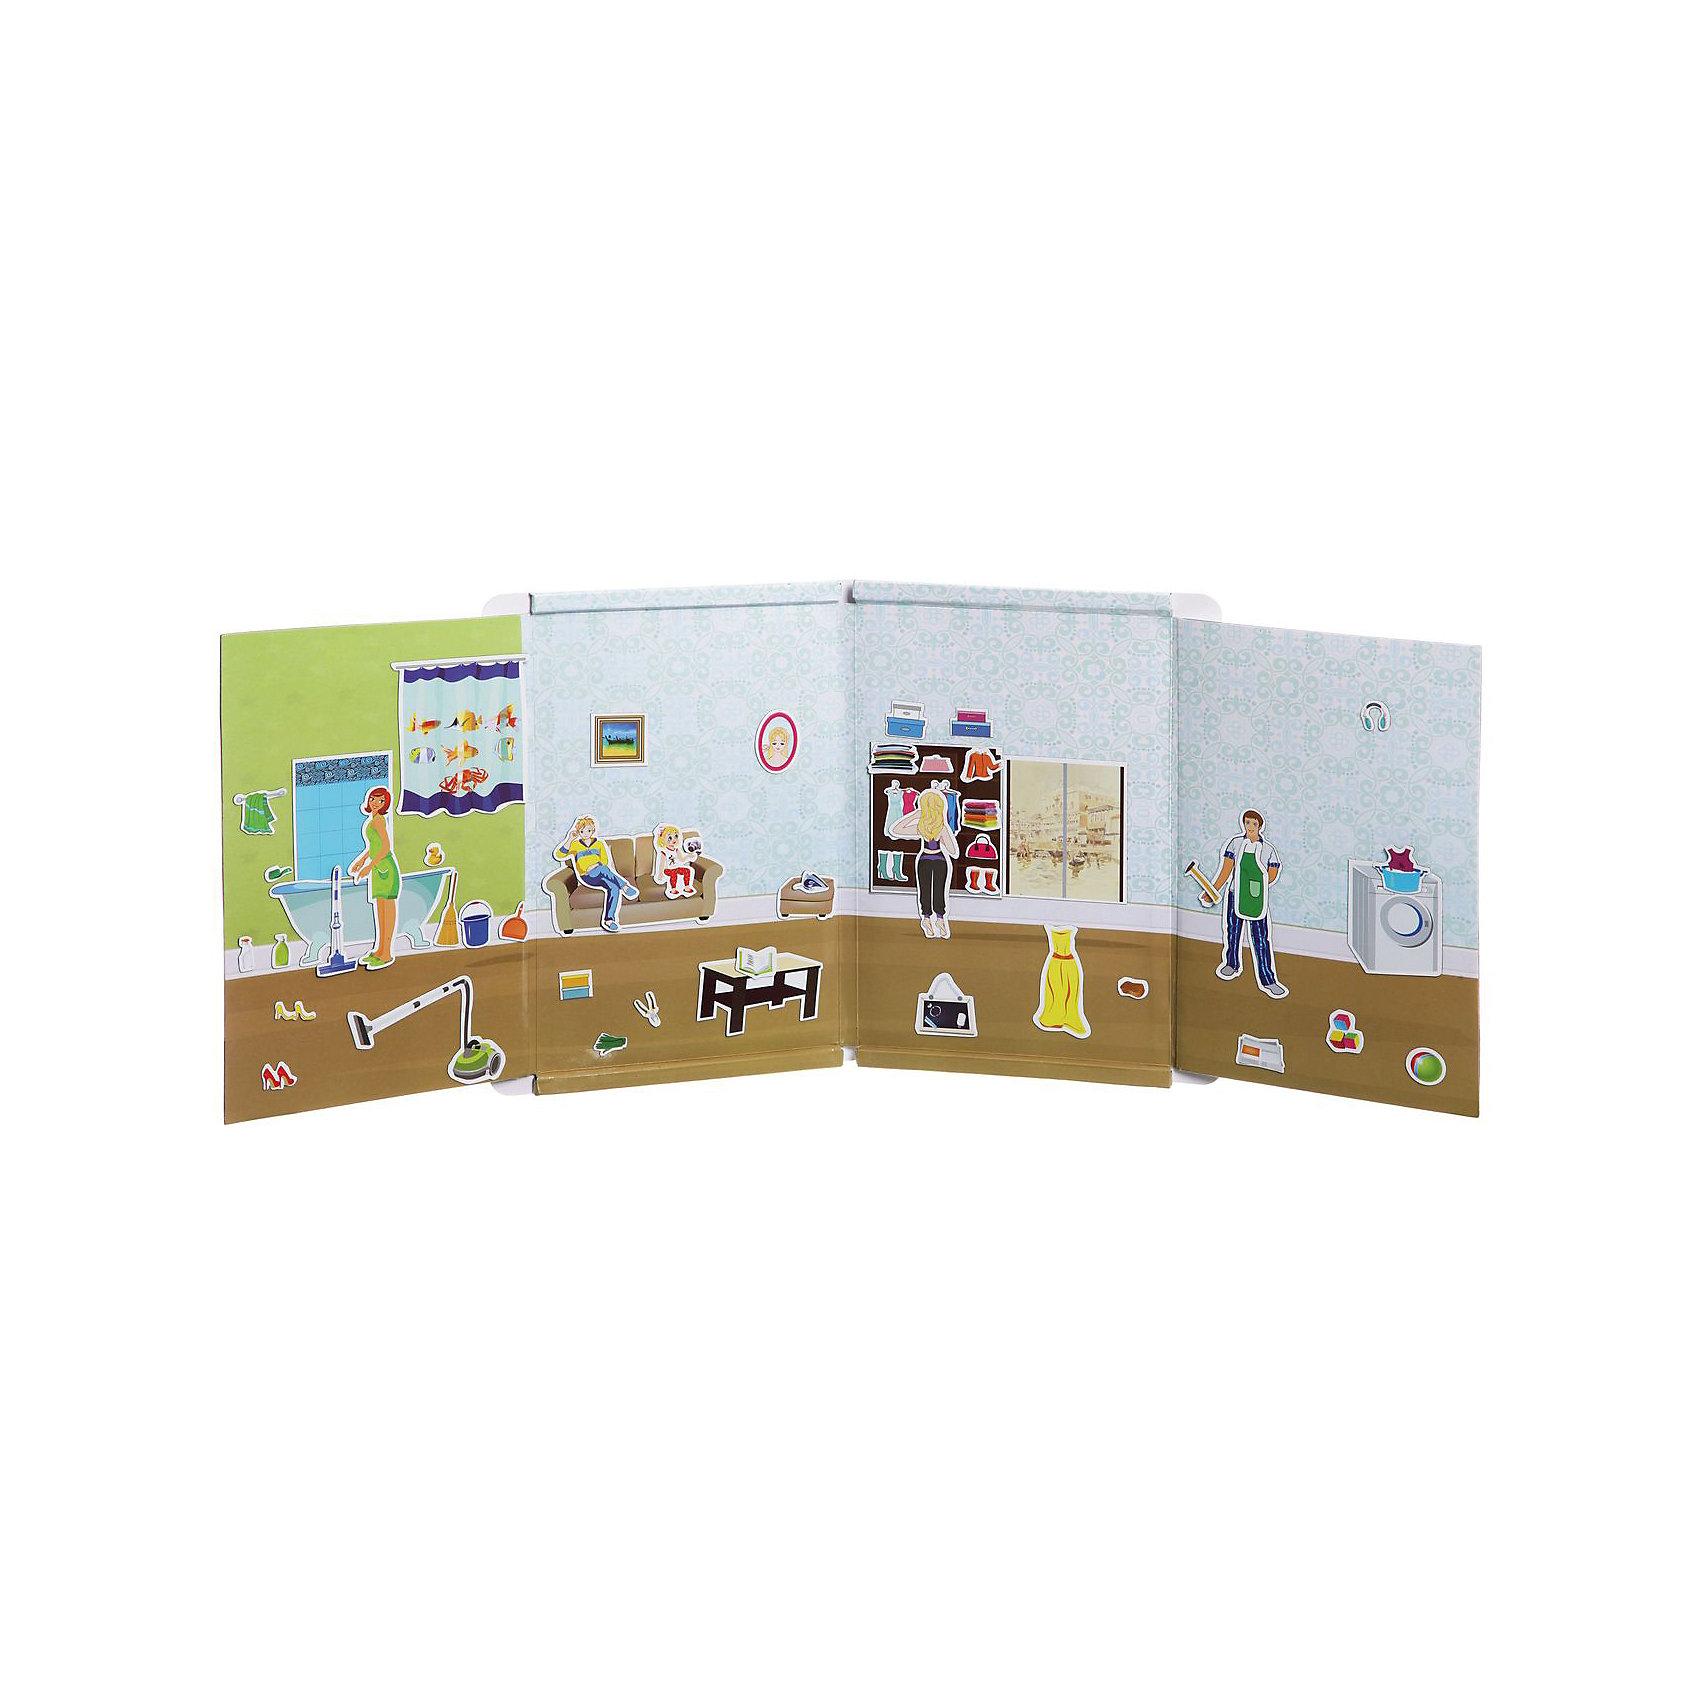 Магнитный театр Хозяюшка, 57 магнитов, BondibonНастольные игры для всей семьи<br>Характеристики:<br><br>• Вид игр: конструирование<br>• Пол: для девочек<br>• Материал: магнит, пластик, картон<br>• Количество деталей: 57<br>• Размер (Д*Ш*В): 26,5*4*34,5 см<br>• Вес: 785 г<br>• Комплектация: магнитная доска, 57 магнитов, инструкция<br><br>Магнитный театр Хозяюшка, 57 магнитов, Bondibon – это игра от всемирно известного производителя детских игр развивающей и обучающей направленности серии Smart Games. Магнитный театр состоит из 57 магнитов и одной магнитной доски. Комплектация набора позволяет разыграть любую житейскую историю, придуманную вашим ребенком. Магнитный театр от Bondibon – это не только увлекательное развлечение, но и развивающее обучение, направленное на развитие воображения, коммуникативных навыков, эмоциональности и артистичности. Игры в магнитный театр способствуют не только творческому развитию ребенка, они также обеспечивают всестороннее гармоническое развитие. Кроме того, магнитный театр Хозяюшка, 57 магнитов, Bondibon поможет Вам обыграть некоторые трудные и сложные воспитательные ситуации. <br><br>Магнитный театр Хозяюшка, 57 магнитов, Bondibon можно купить в нашем интернет-магазине.<br><br>Ширина мм: 250<br>Глубина мм: 10<br>Высота мм: 210<br>Вес г: 650<br>Возраст от месяцев: 60<br>Возраст до месяцев: 120<br>Пол: Женский<br>Возраст: Детский<br>SKU: 5121972